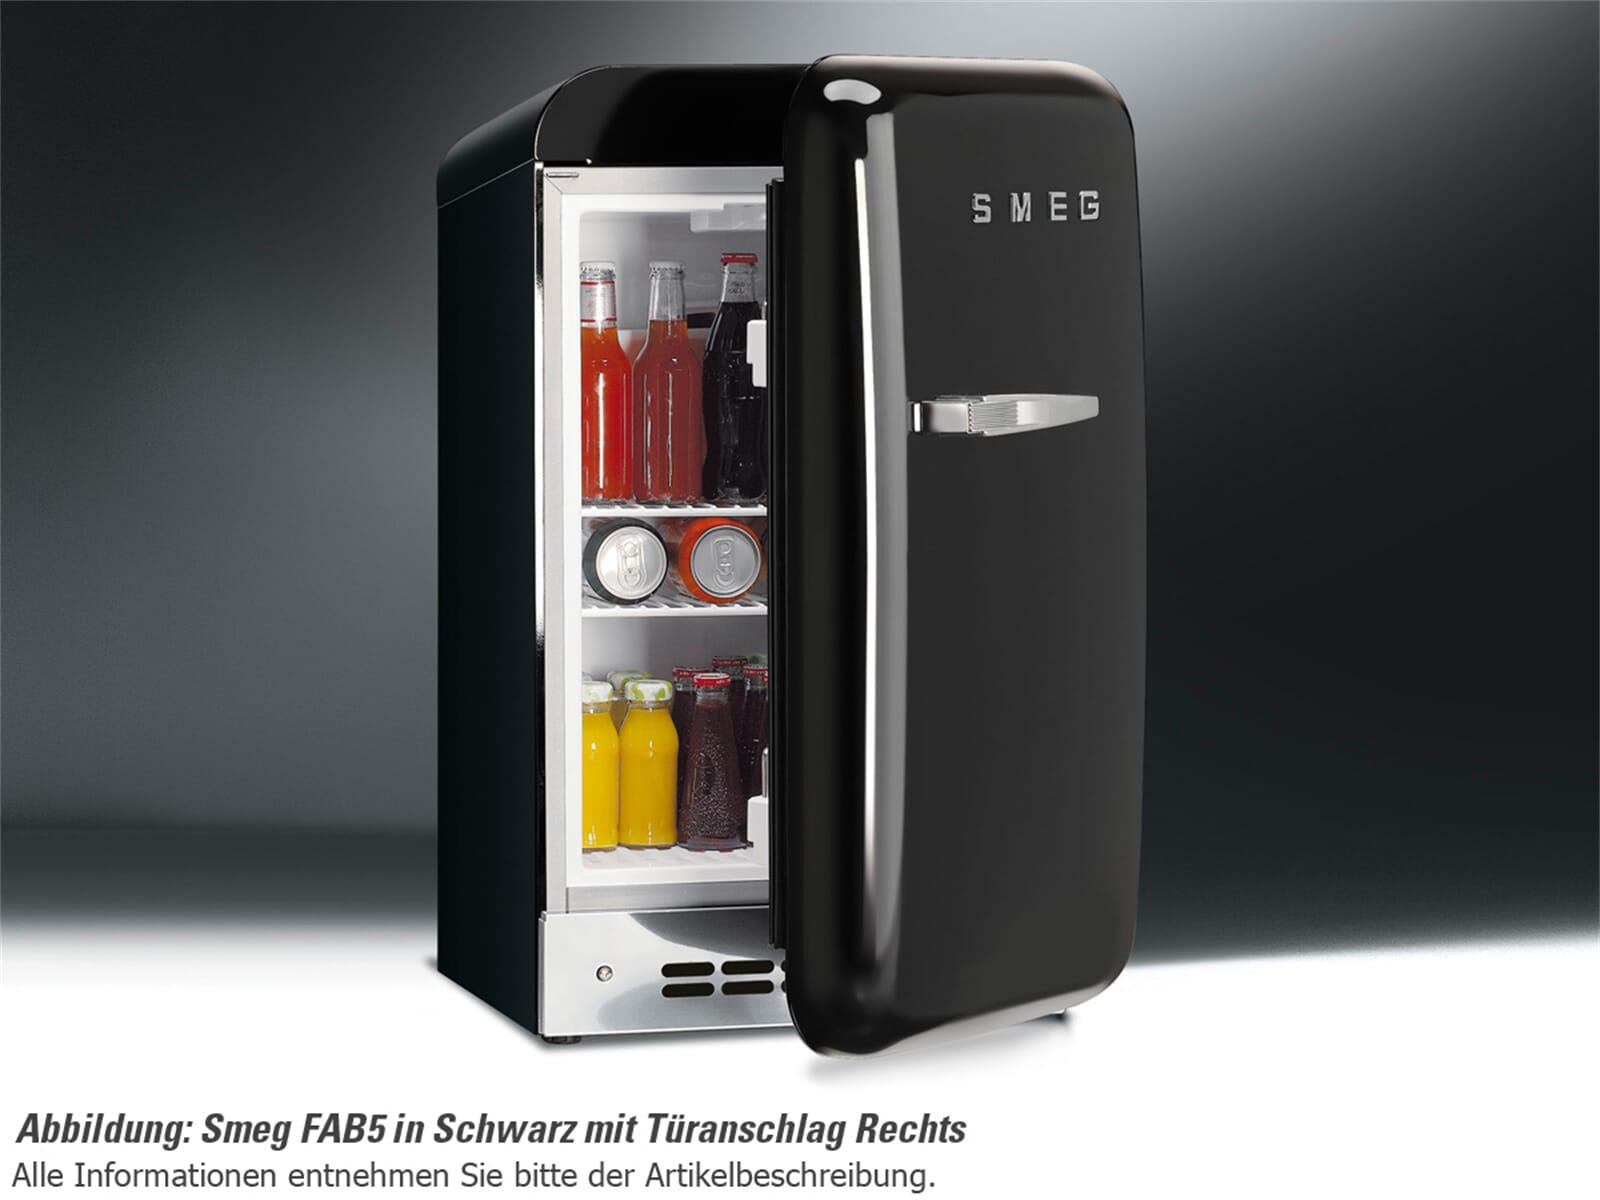 Smeg Kühlschrank Knacken : Smeg kühlschrank macht geräusche smeg kühlschrank macht geräusche